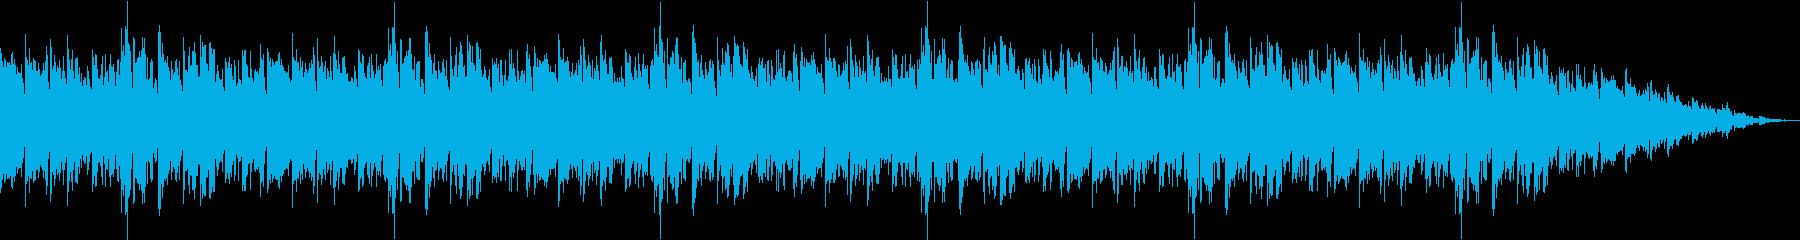 クライマックスをイメージした曲の再生済みの波形